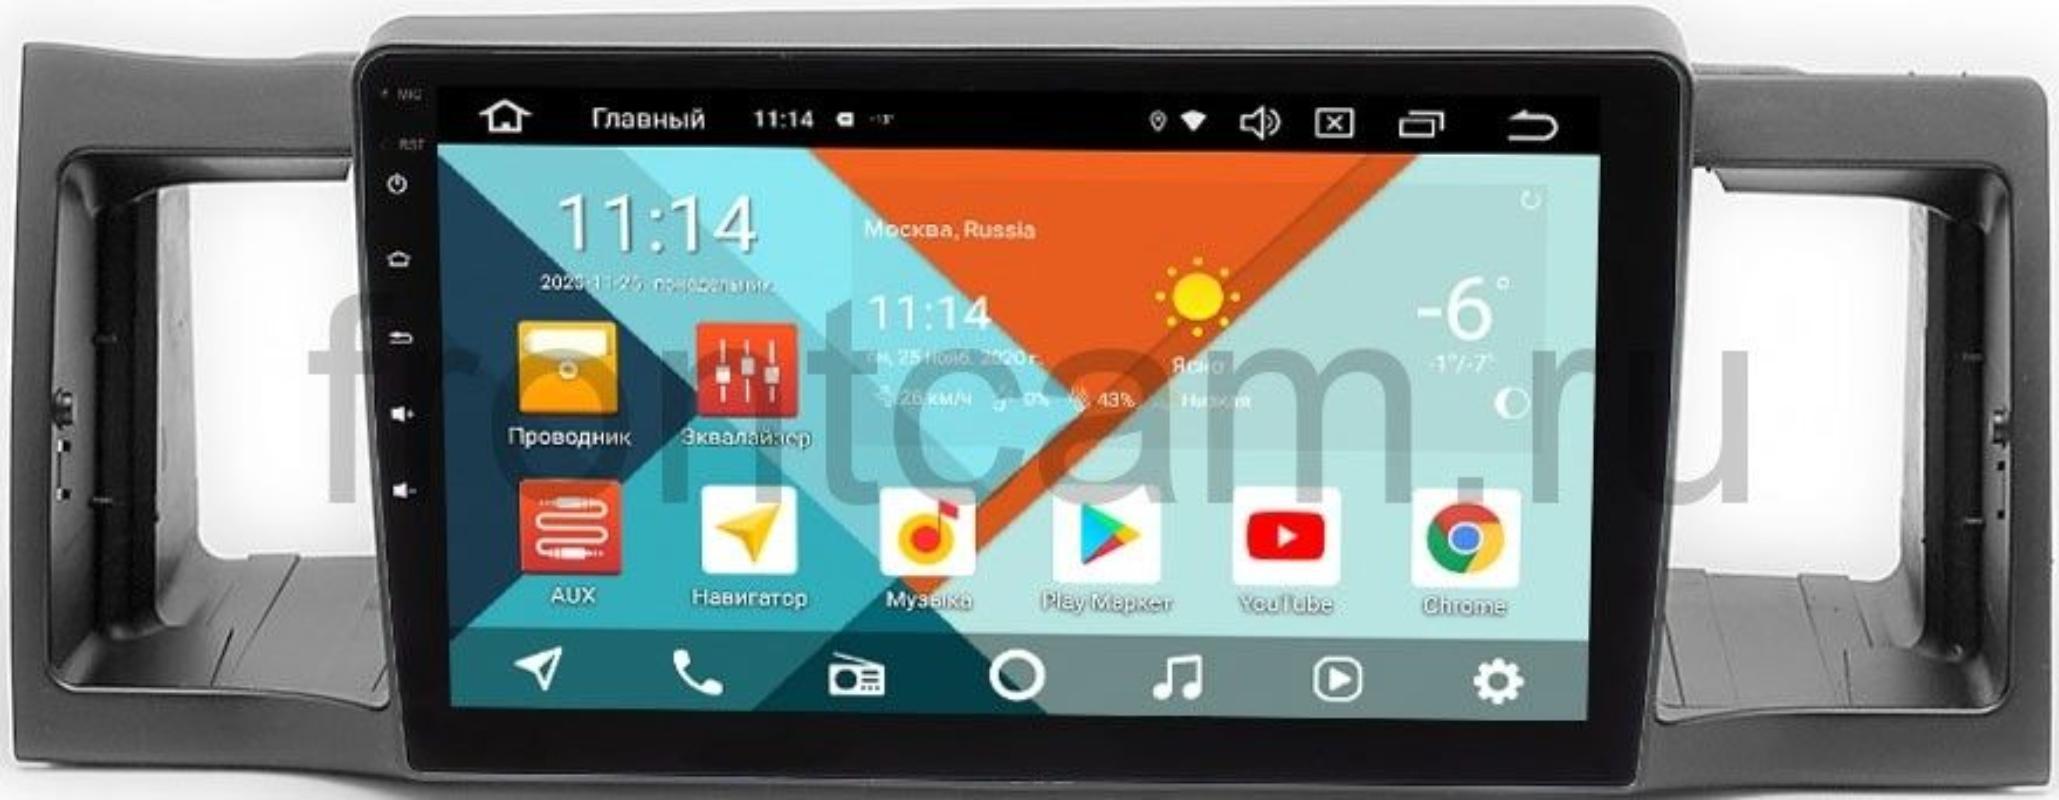 Штатная магнитола Wide Media KS9-044QM-2/32 DSP CarPlay 4G-SIM для Geely FC (Vision) 2006-2011 на Android 10 (+ Камера заднего вида в подарок!)